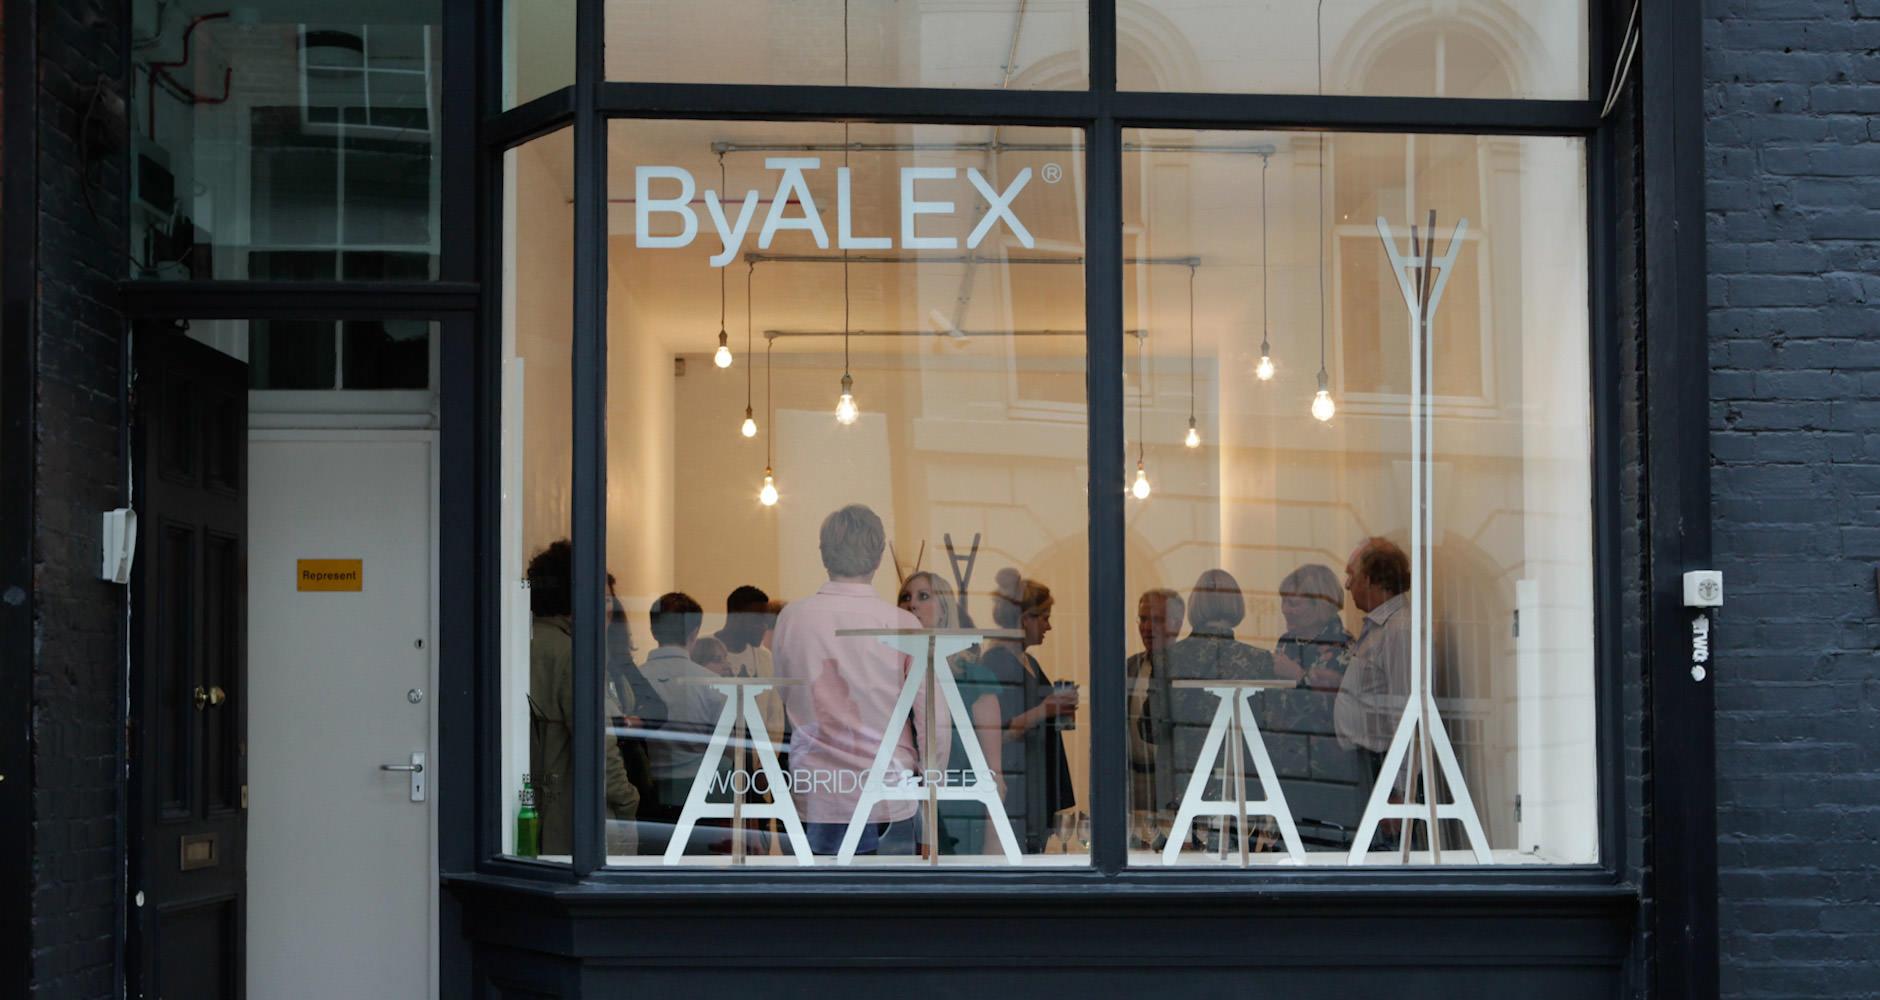 modern-wood-furniture-british-design-byalex